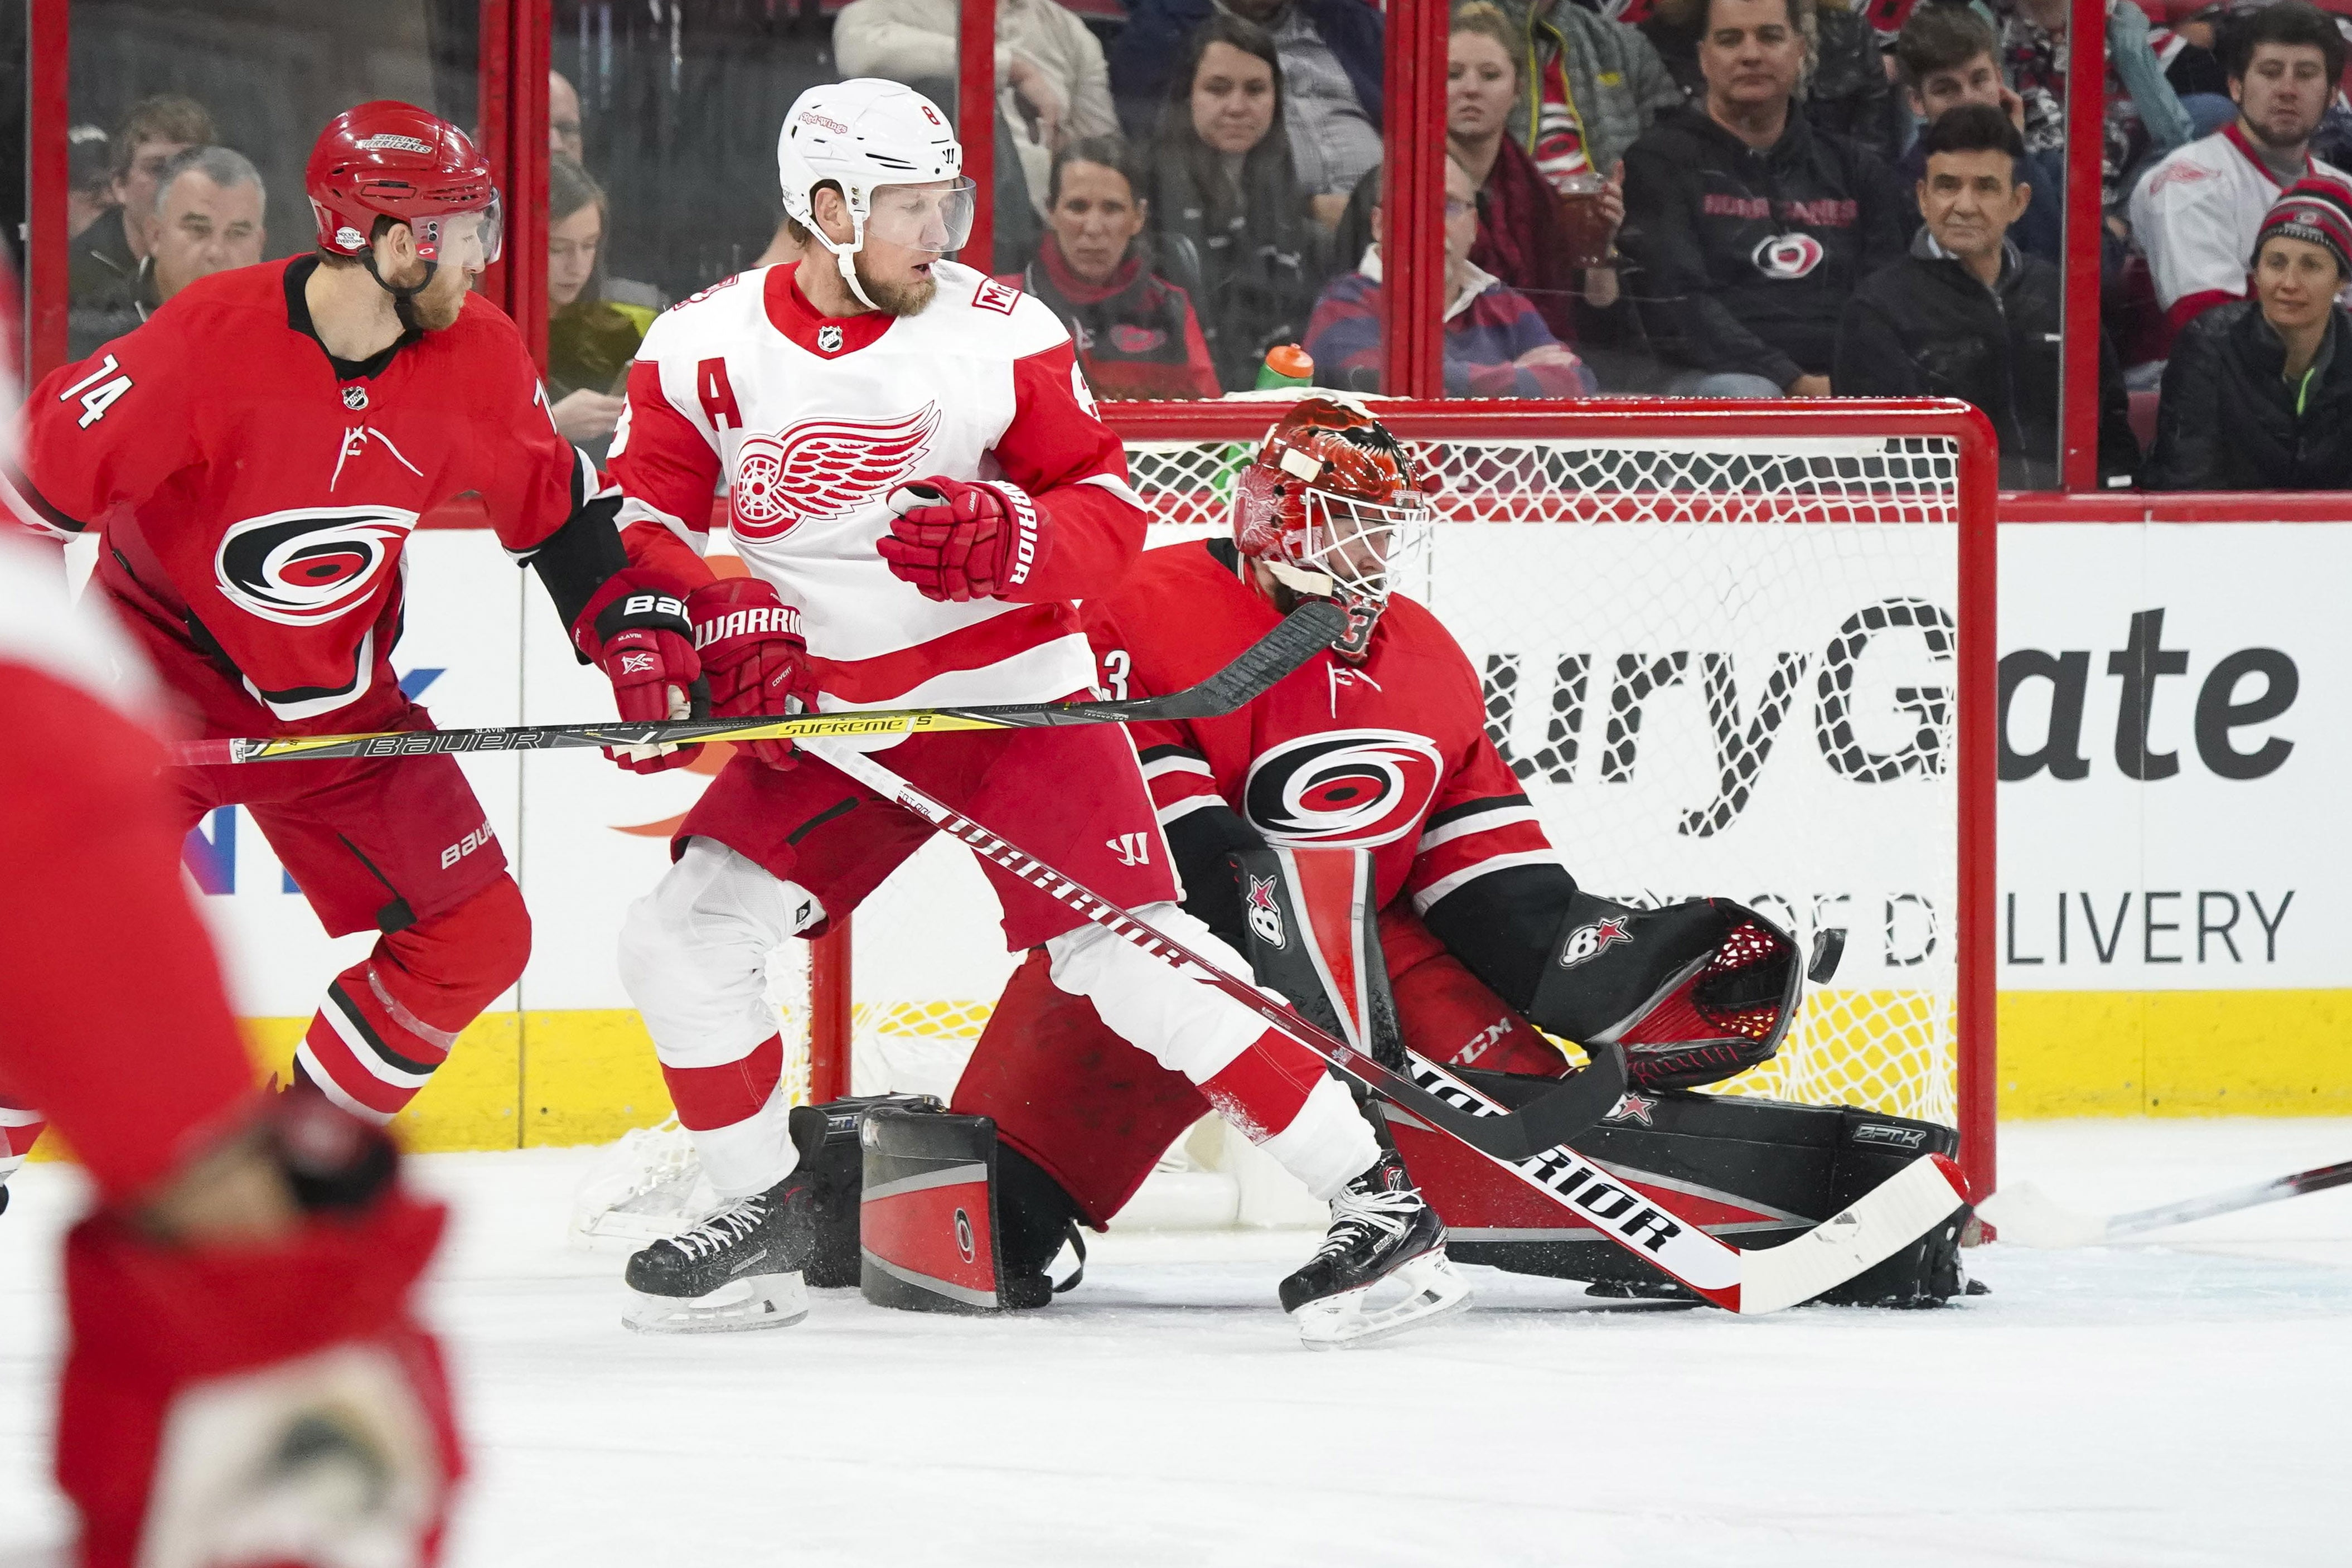 NHL: Mrazek sharp in win at Carolina